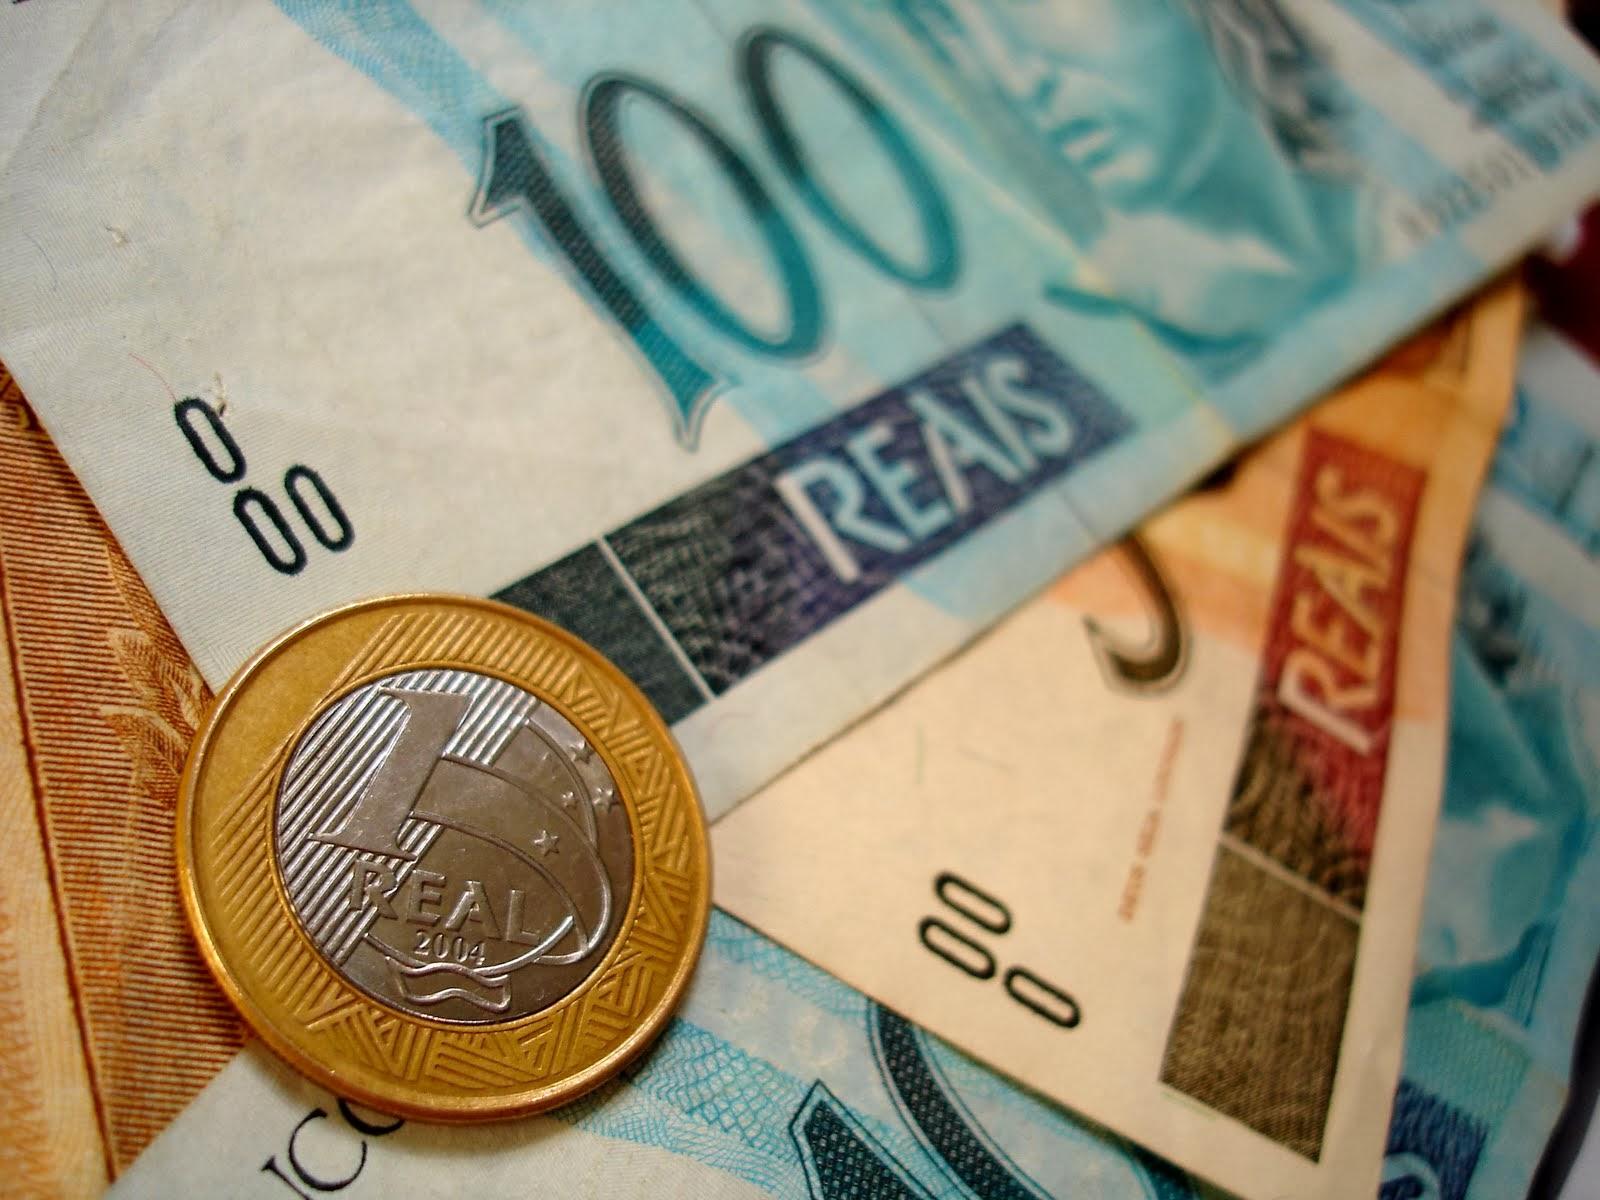 inentivos Fiscais